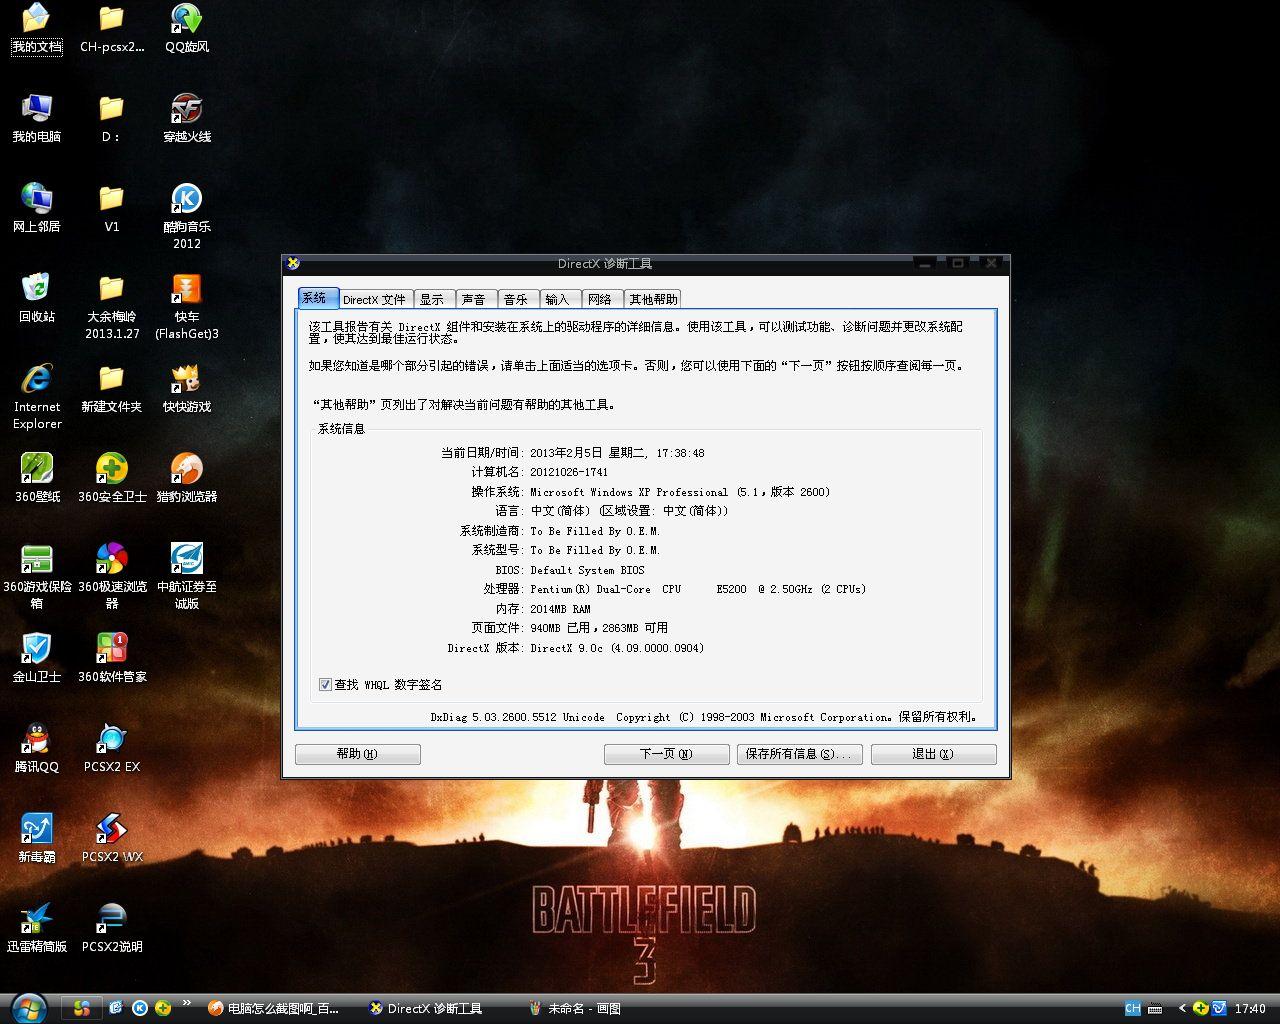 我的电脑这个配置能完好运行奥特曼格斗进化3; 奥特曼; 请问,我的电脑图片